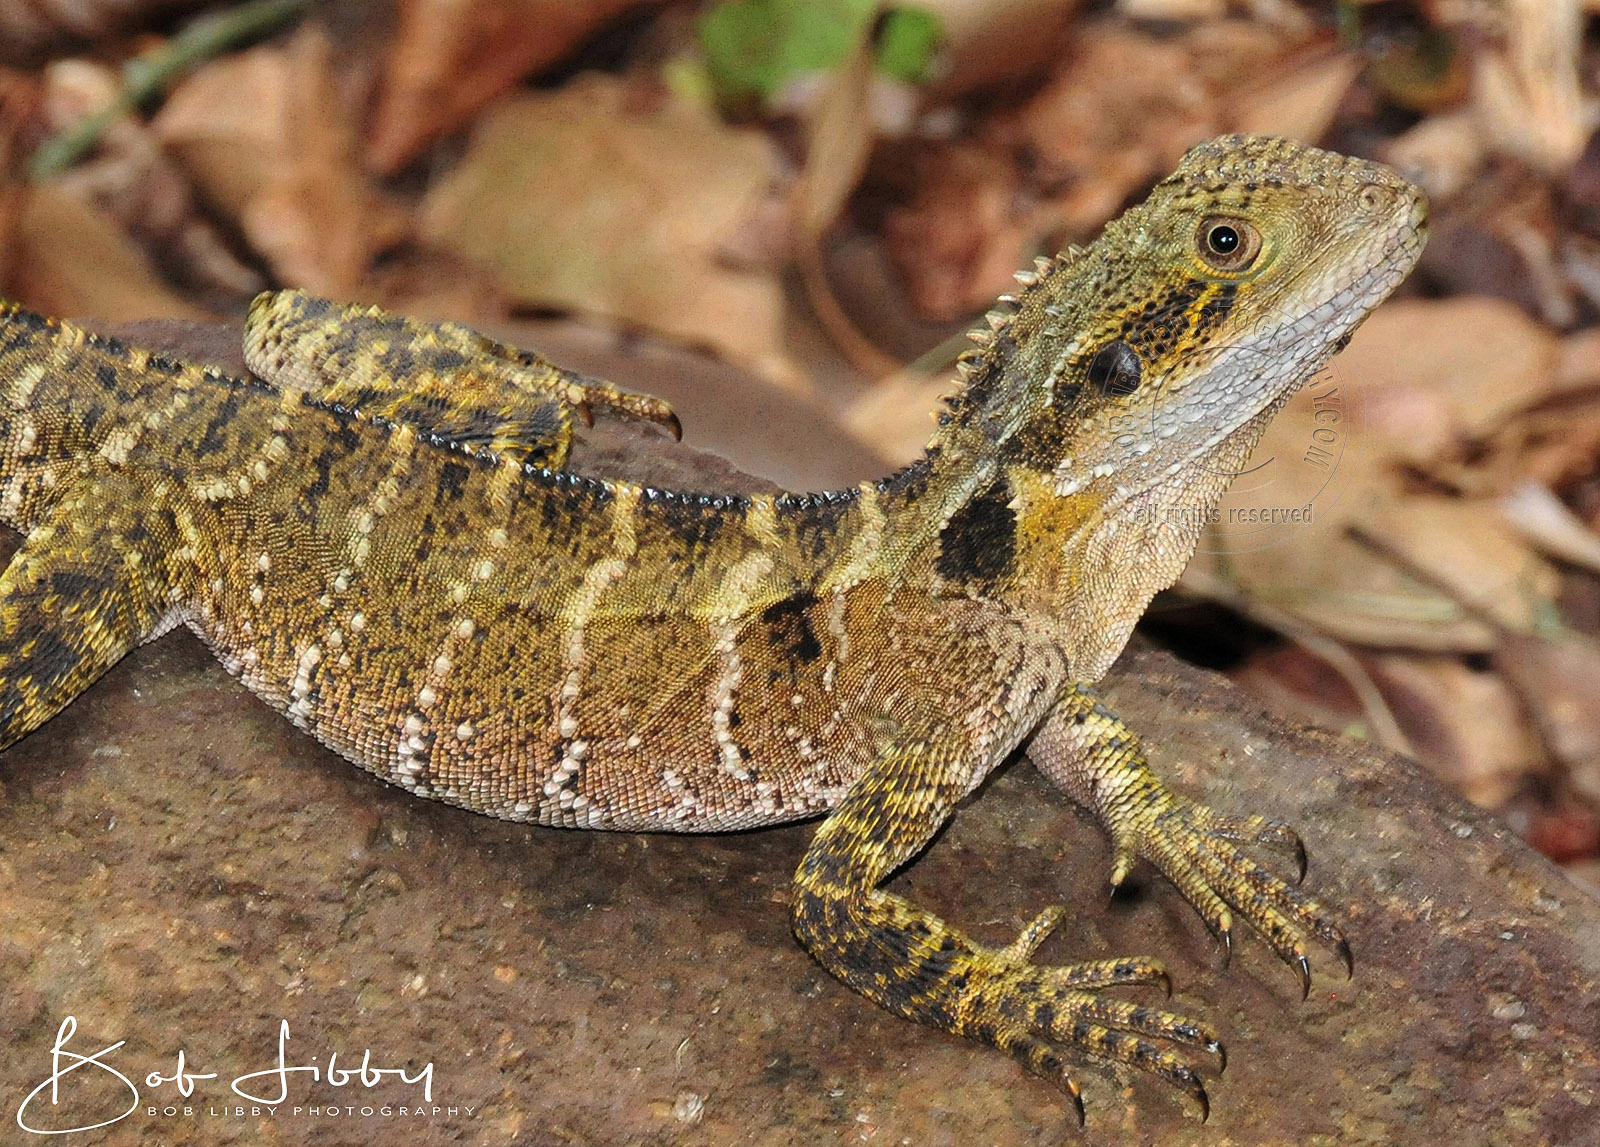 An Australian Eastern Water Dragon